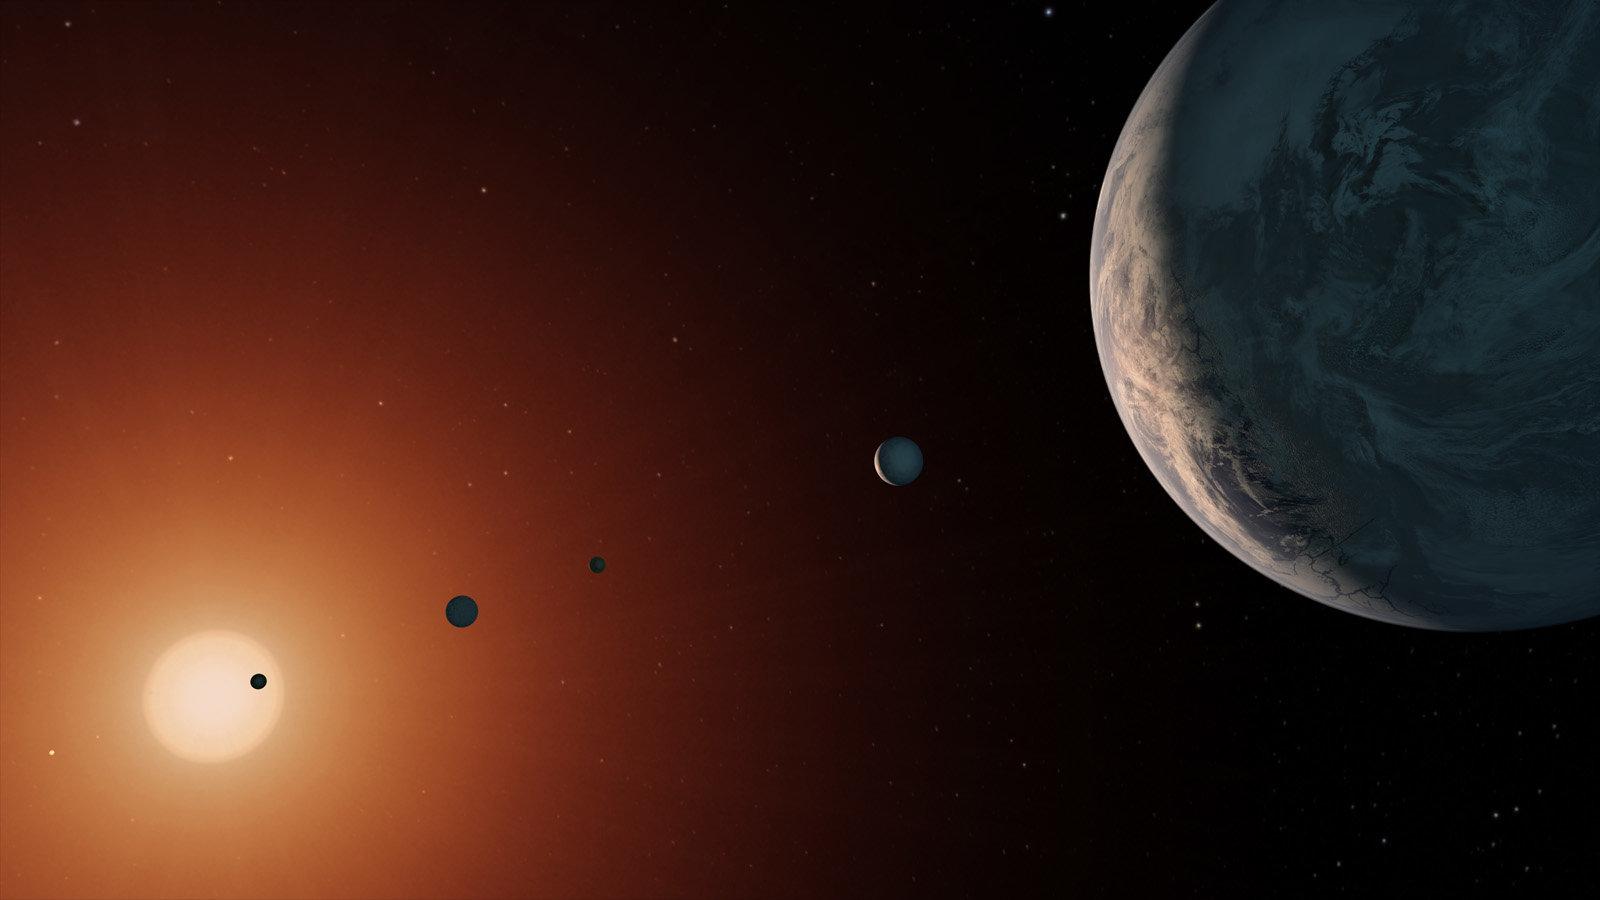 Красный карлик TRAPPIST-1 и его планетное семейство